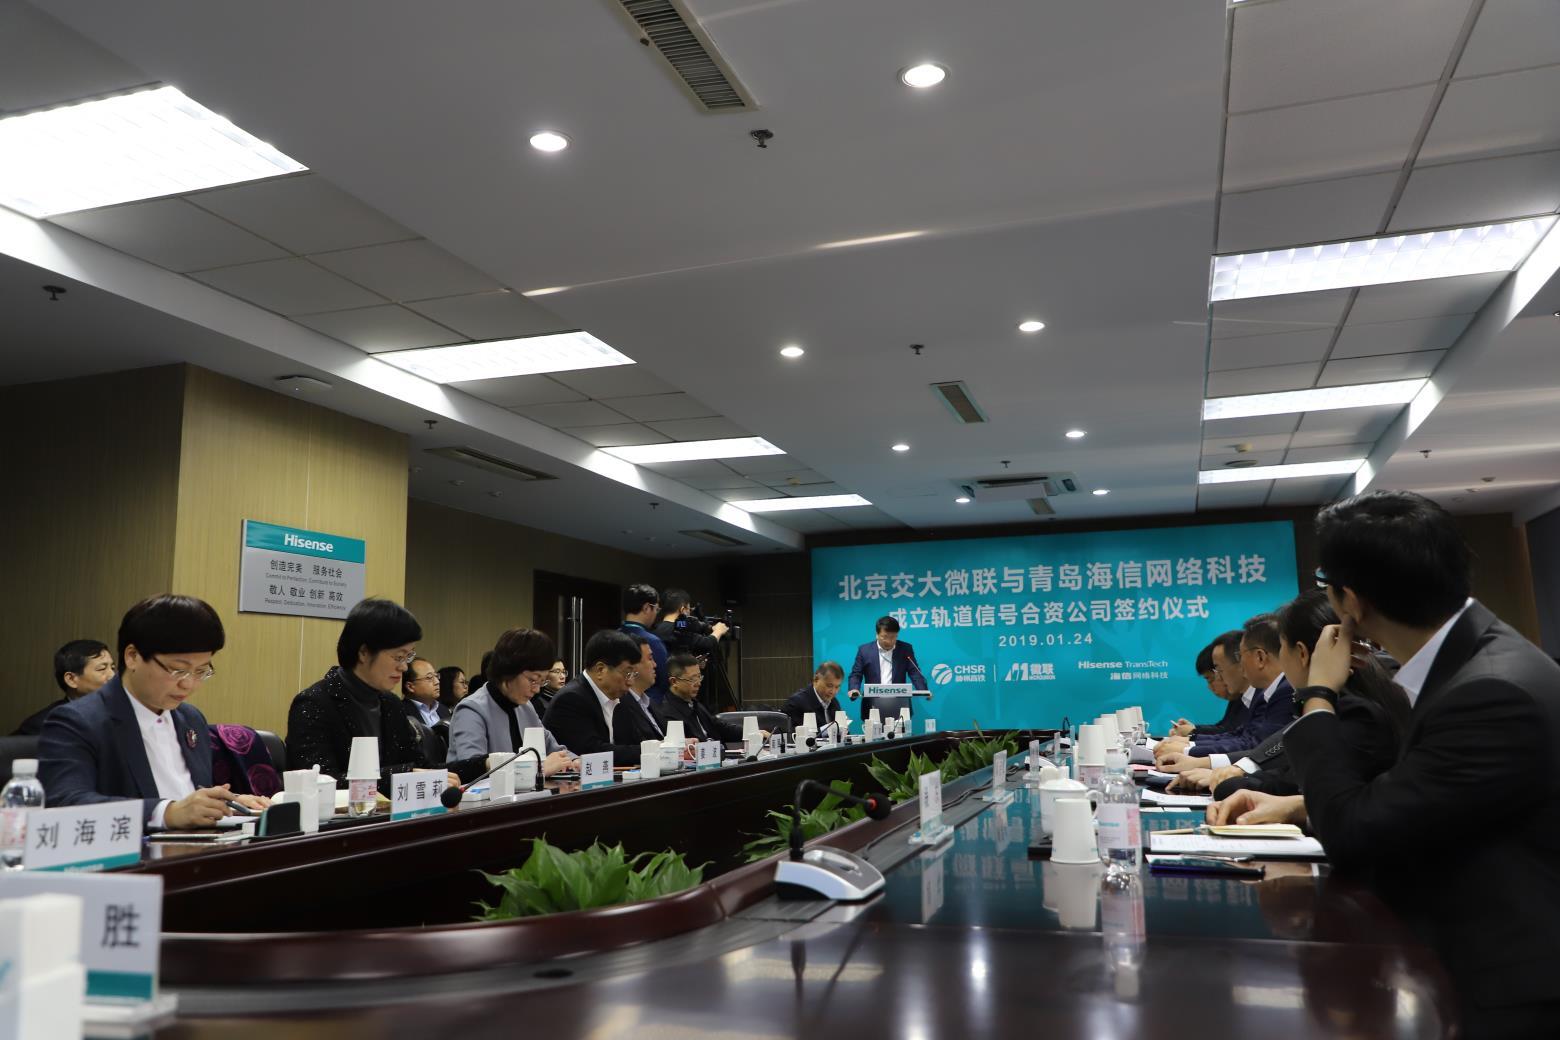 剑指无人驾驶核心技术 海信与北京交大微联成立合资公司